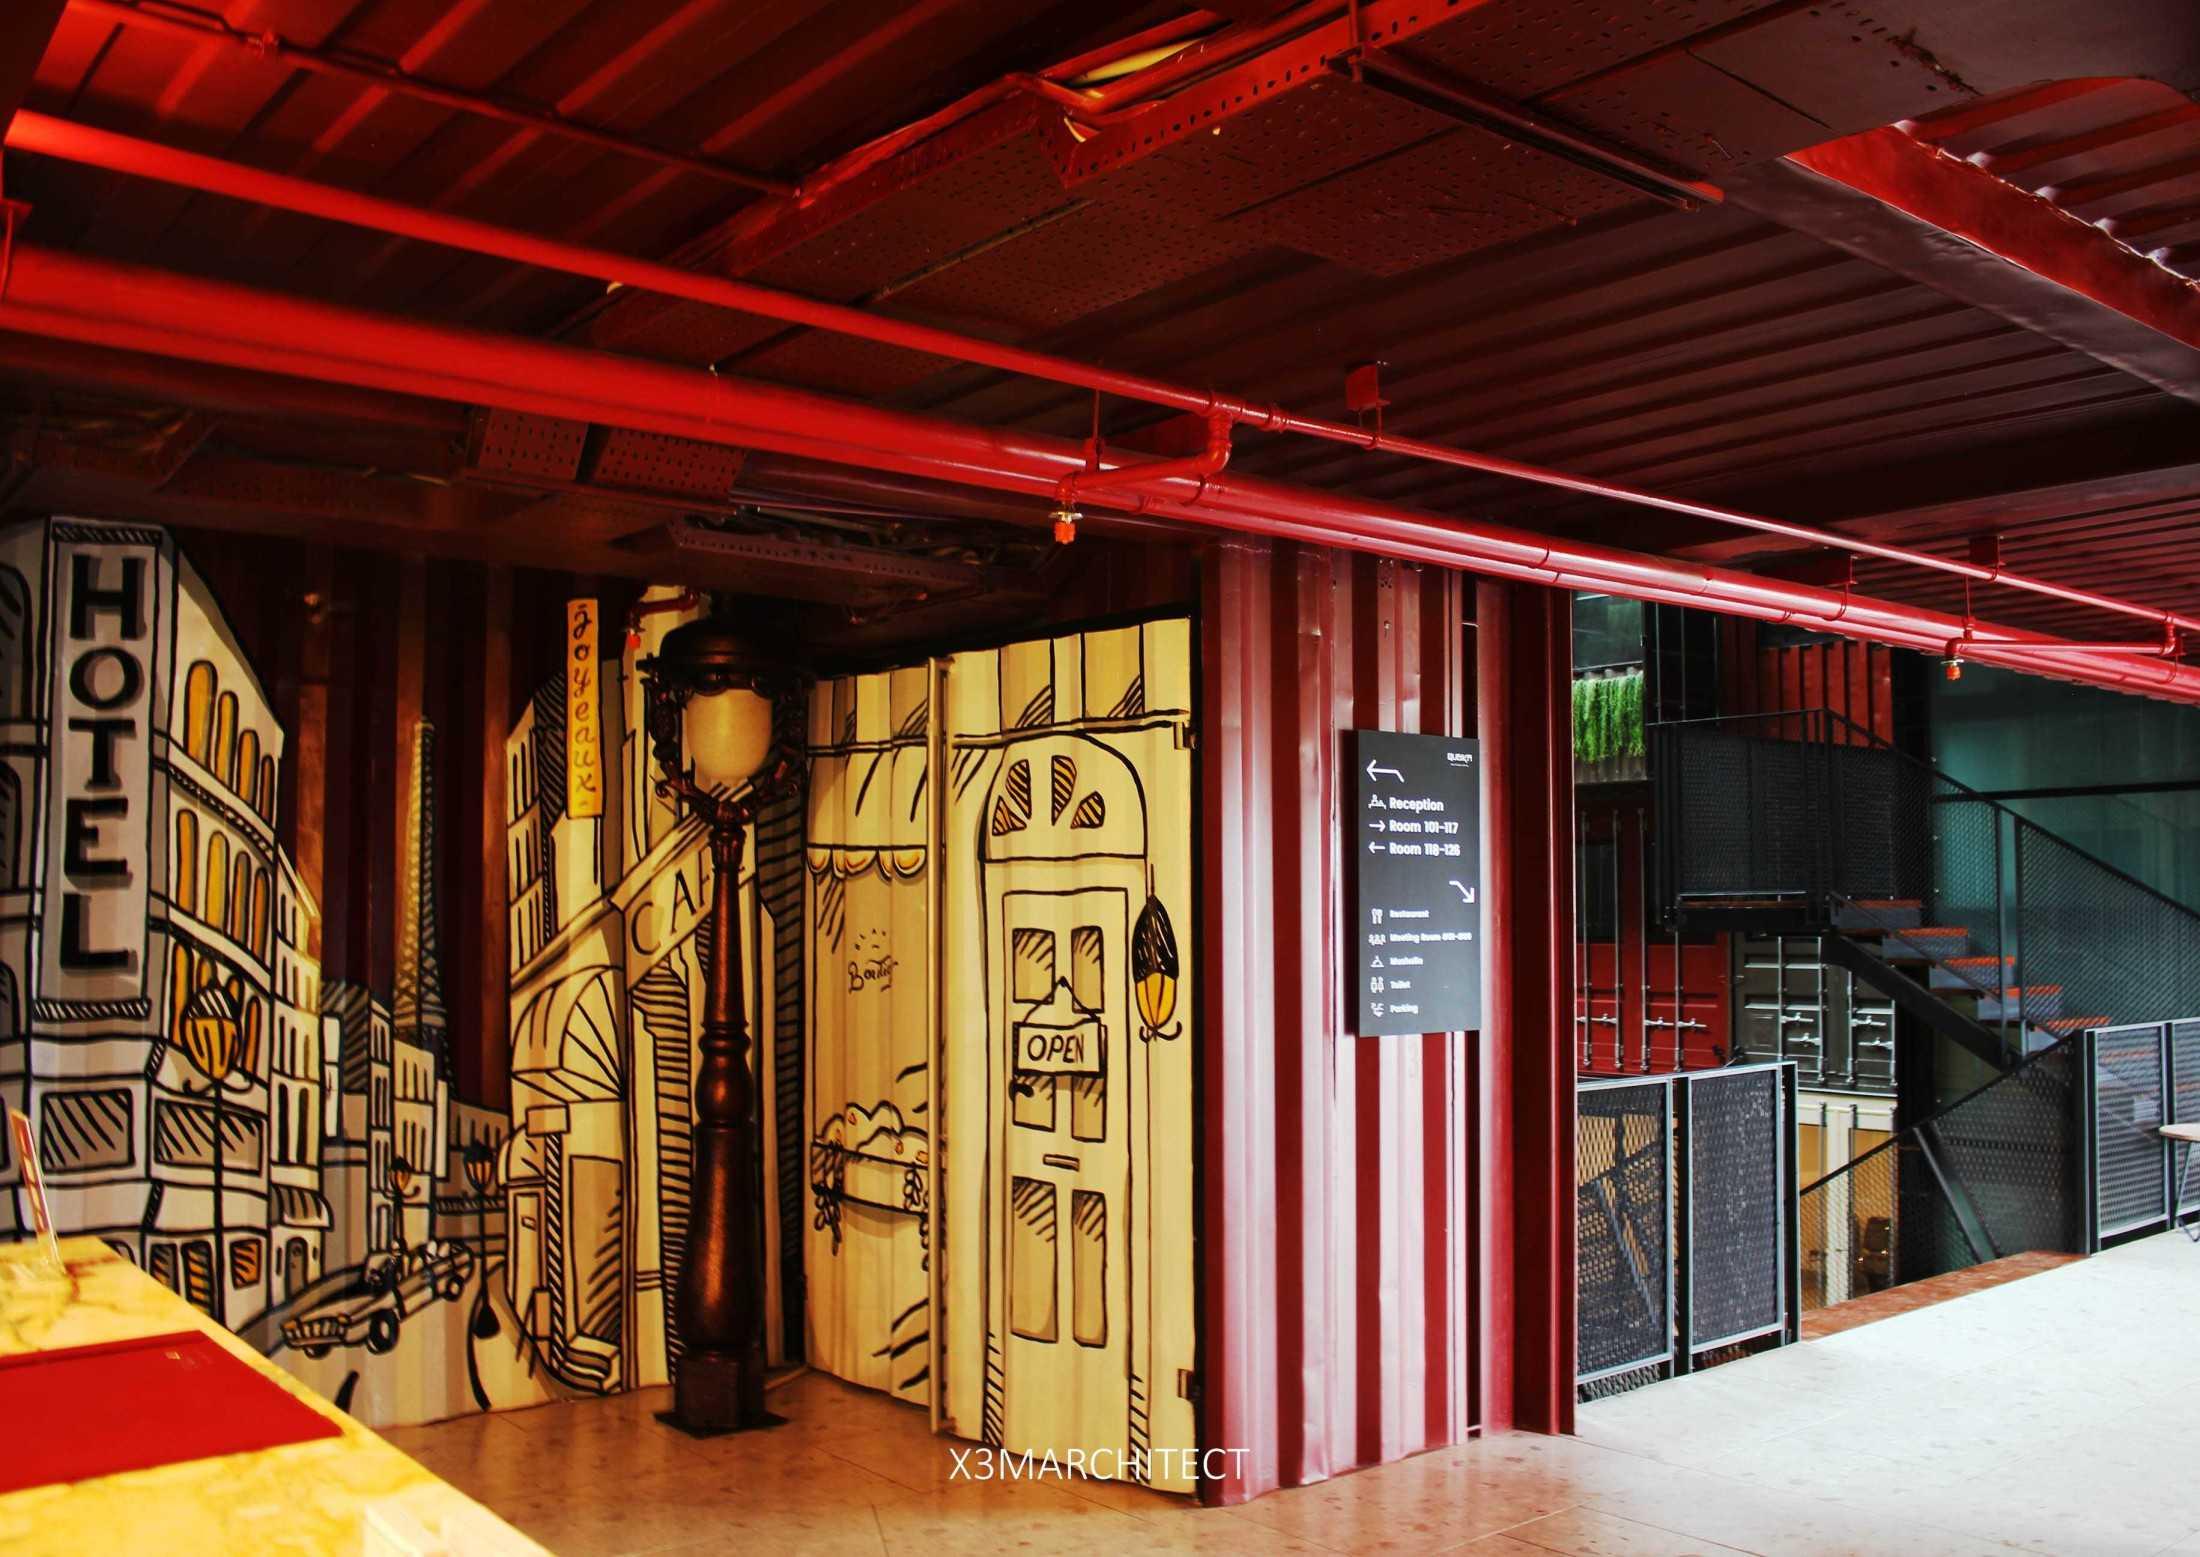 X3M Architects Qubika Hotel Medang, Kec. Pagedangan, Tangerang, Banten 15334, Indonesia Medang, Kec. Pagedangan, Tangerang, Banten 15334, Indonesia X3M-Architects-Qubika-Hotel  94823